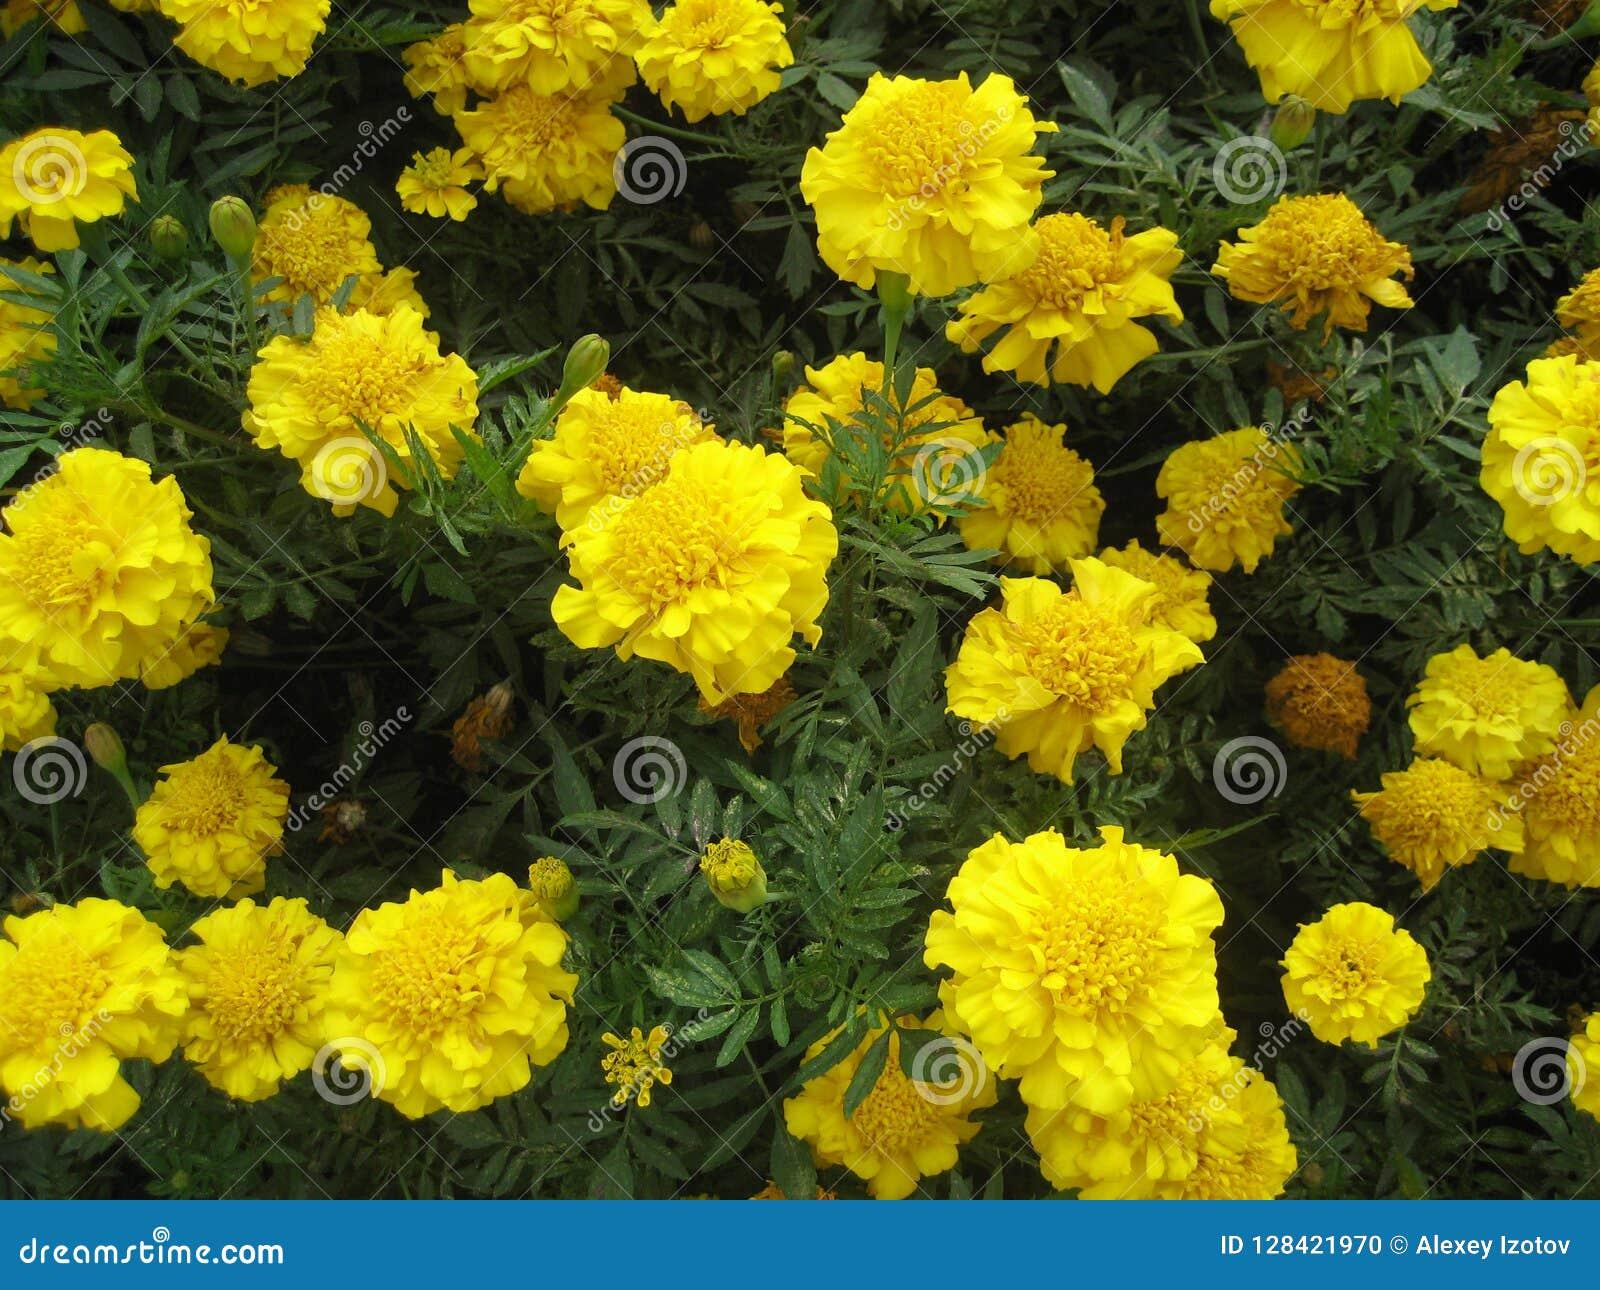 Grandes fleurs jaunes dans le jardin sur le vert pendant l\u0027automne